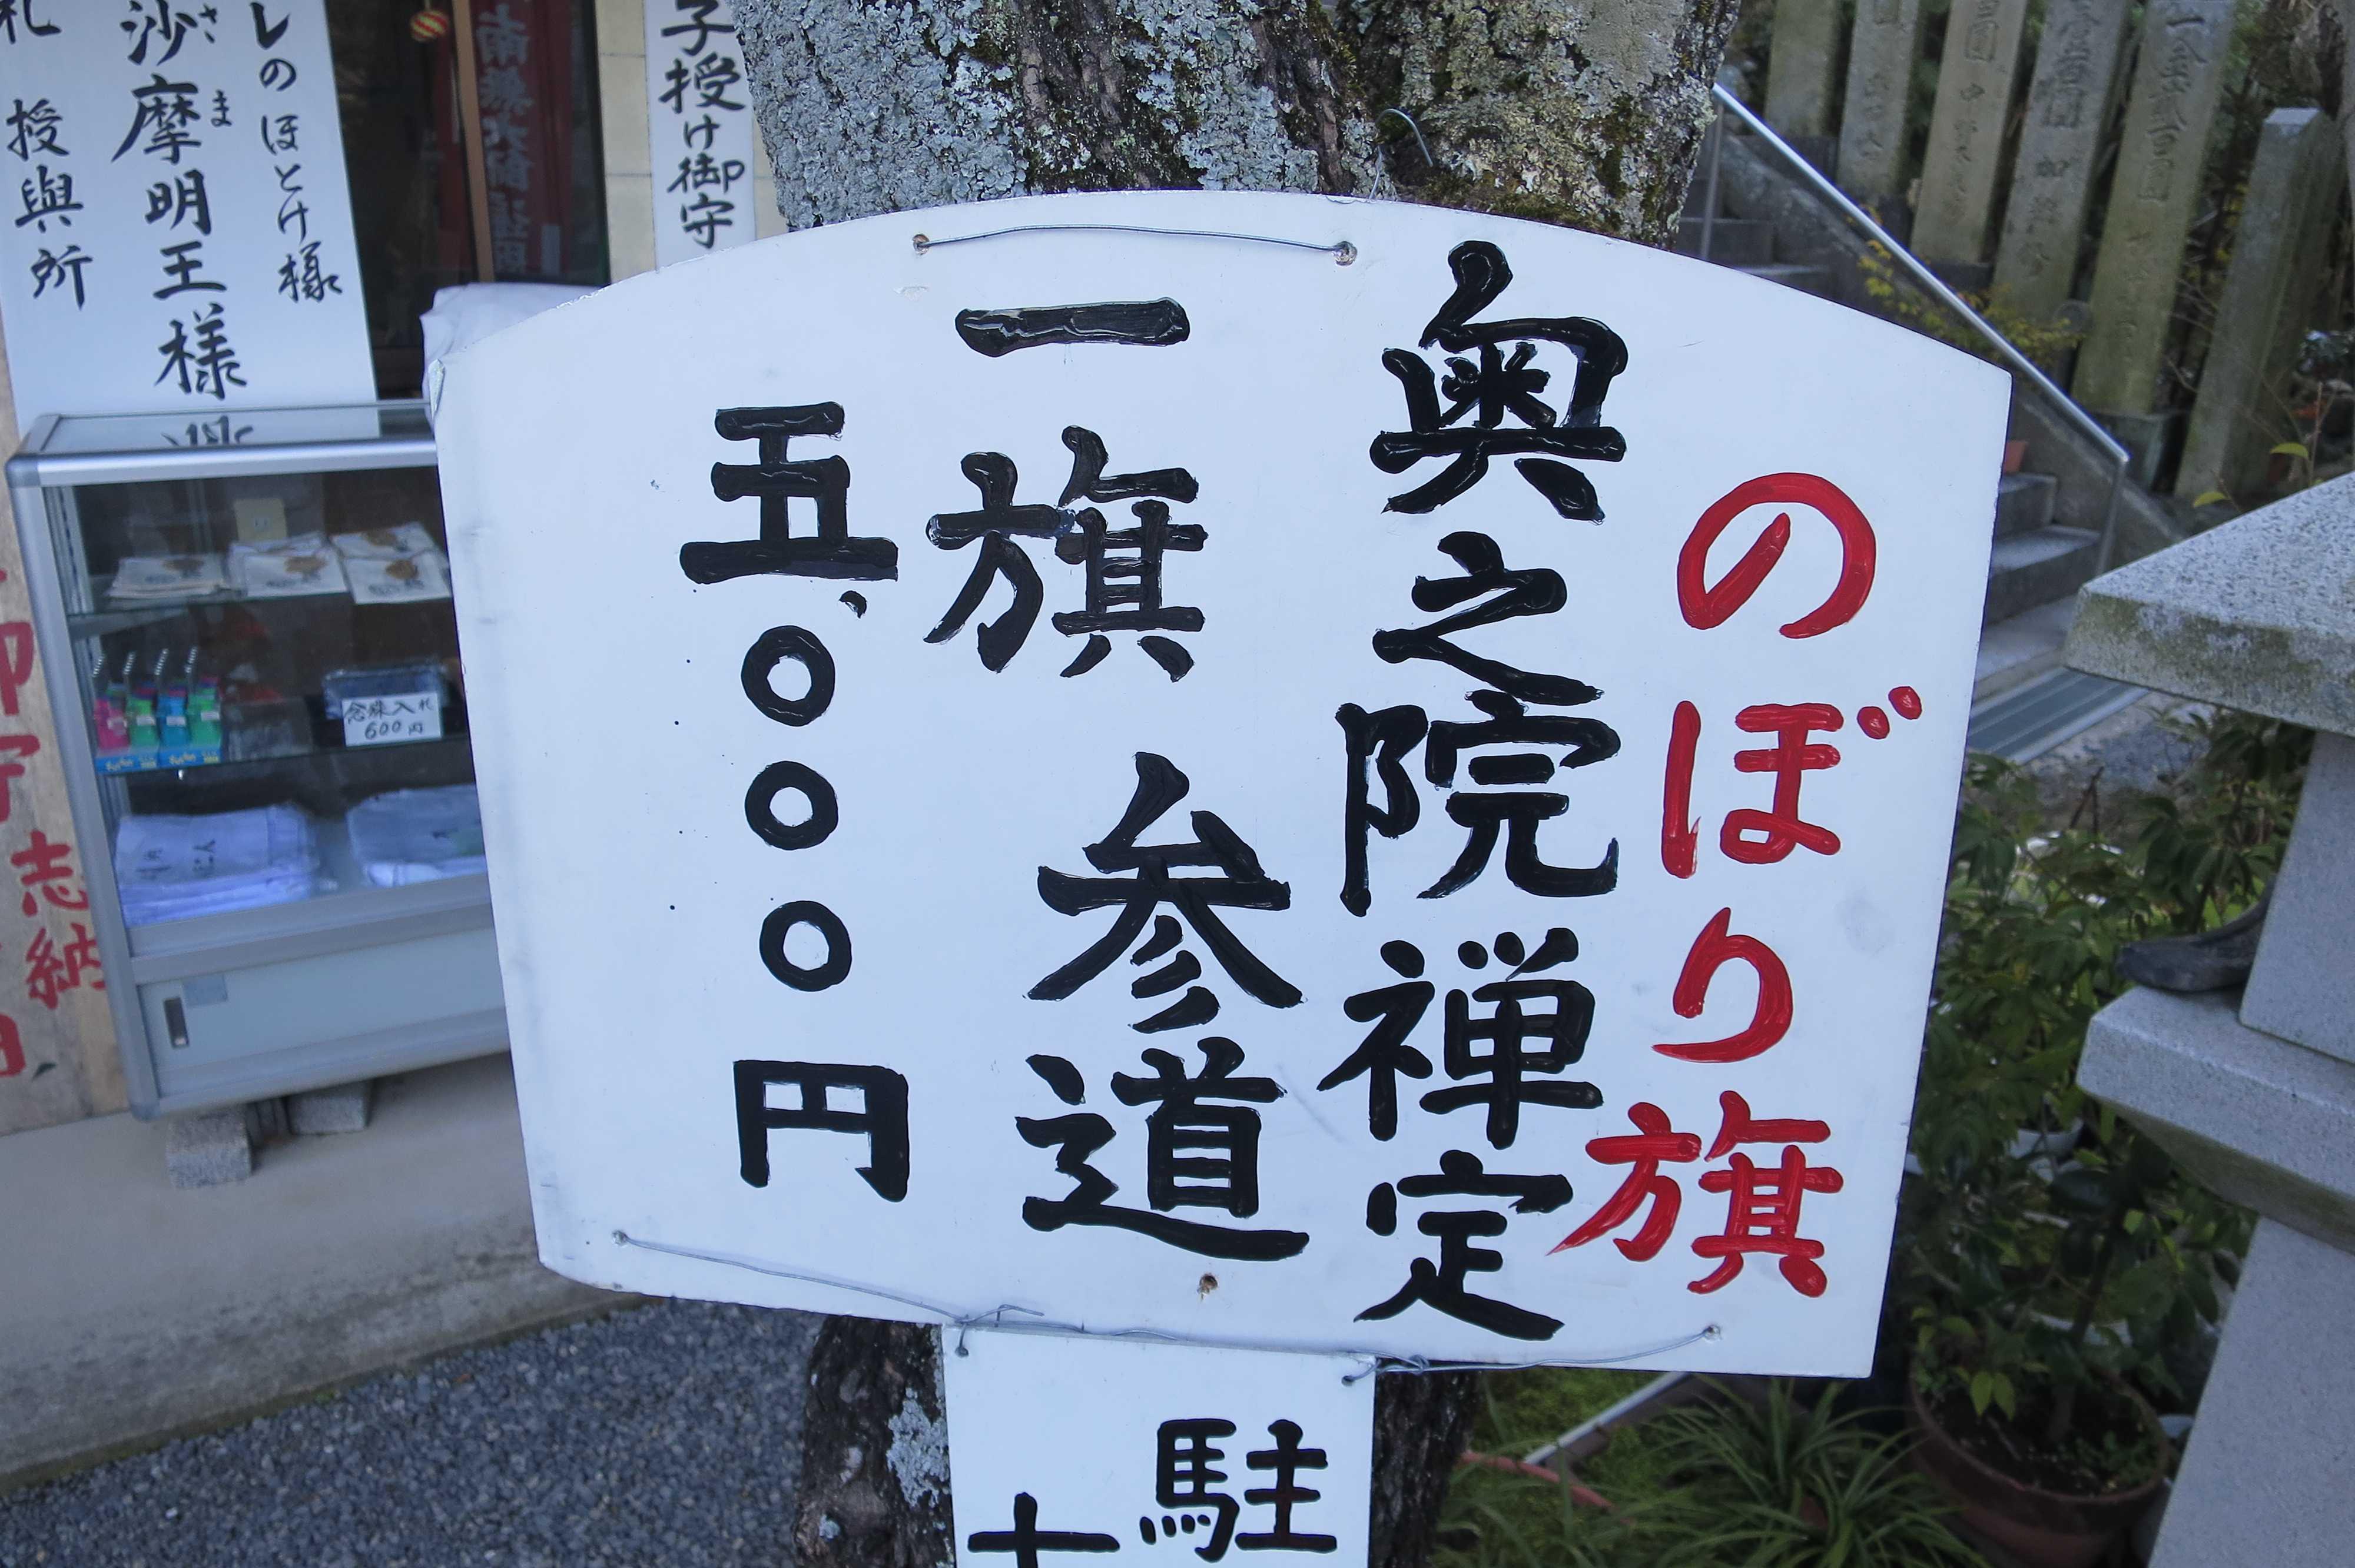 のぼり旗 奥之院禅定参道  一旗 5,000円